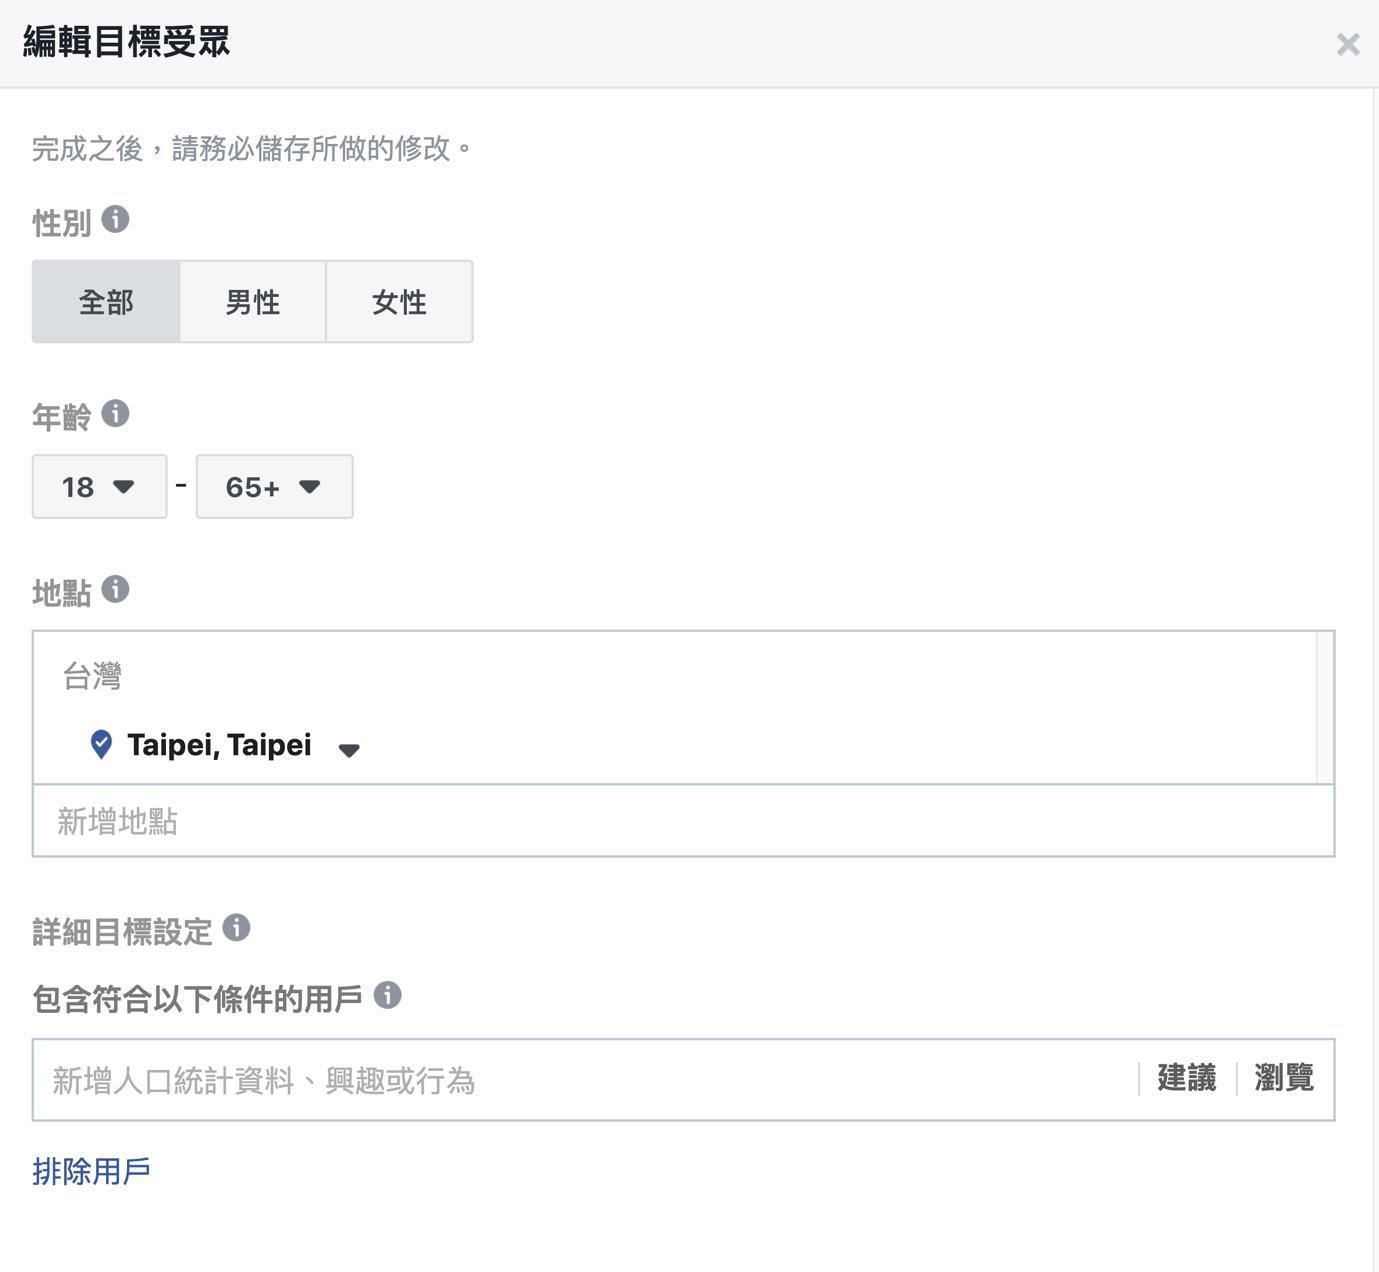 臉書廣告受眾選擇介面